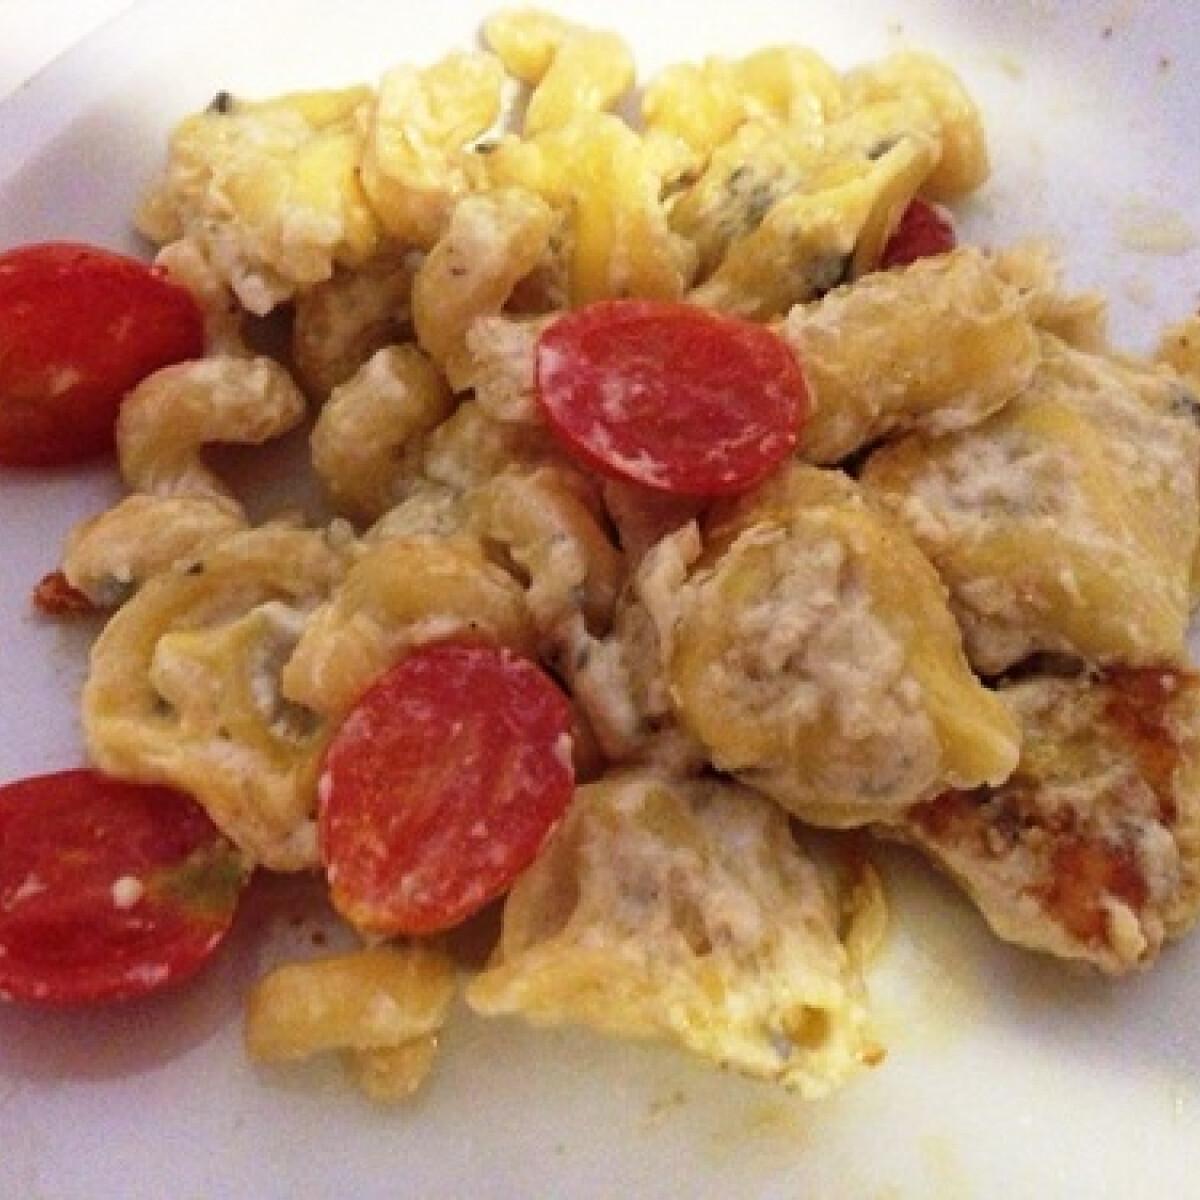 Ezen a képen: Tortellini sajtszósszal és paradicsommal